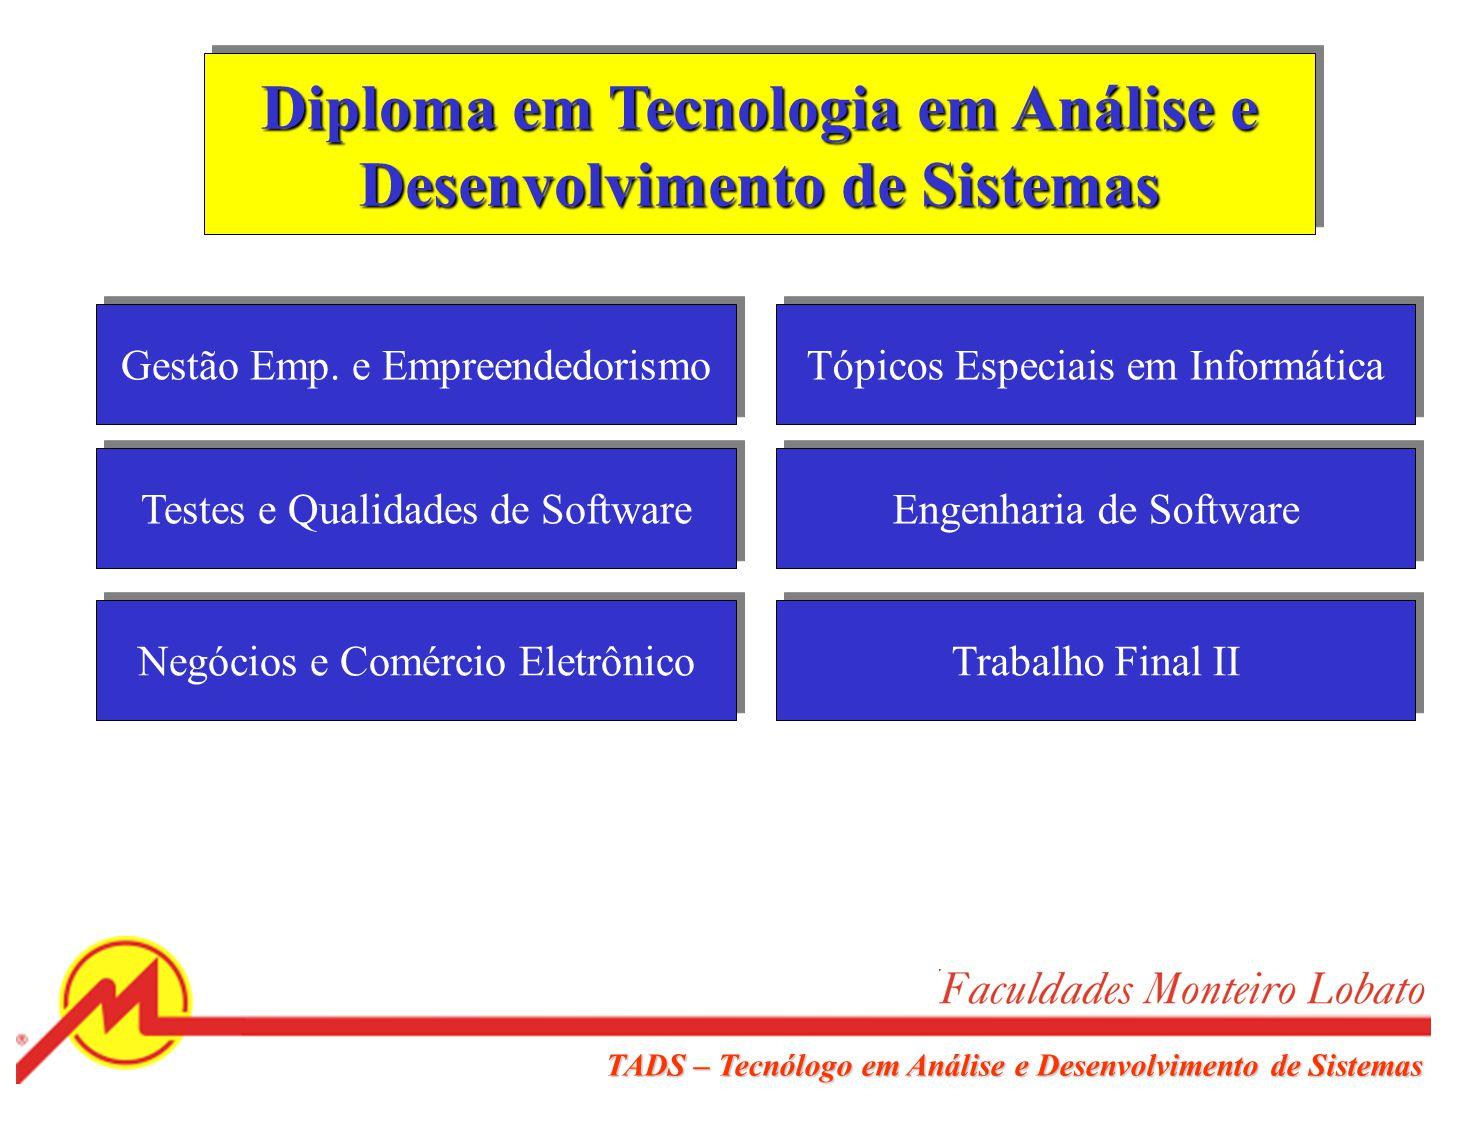 TADS – Tecnólogo em Análise e Desenvolvimento de Sistemas Certificação em Programação de Sistemas Linguagem de Programação II Banco de Dados II Classificação e Pesquisa Redes de Computadores Trabalho Final I Contabilidade Geral